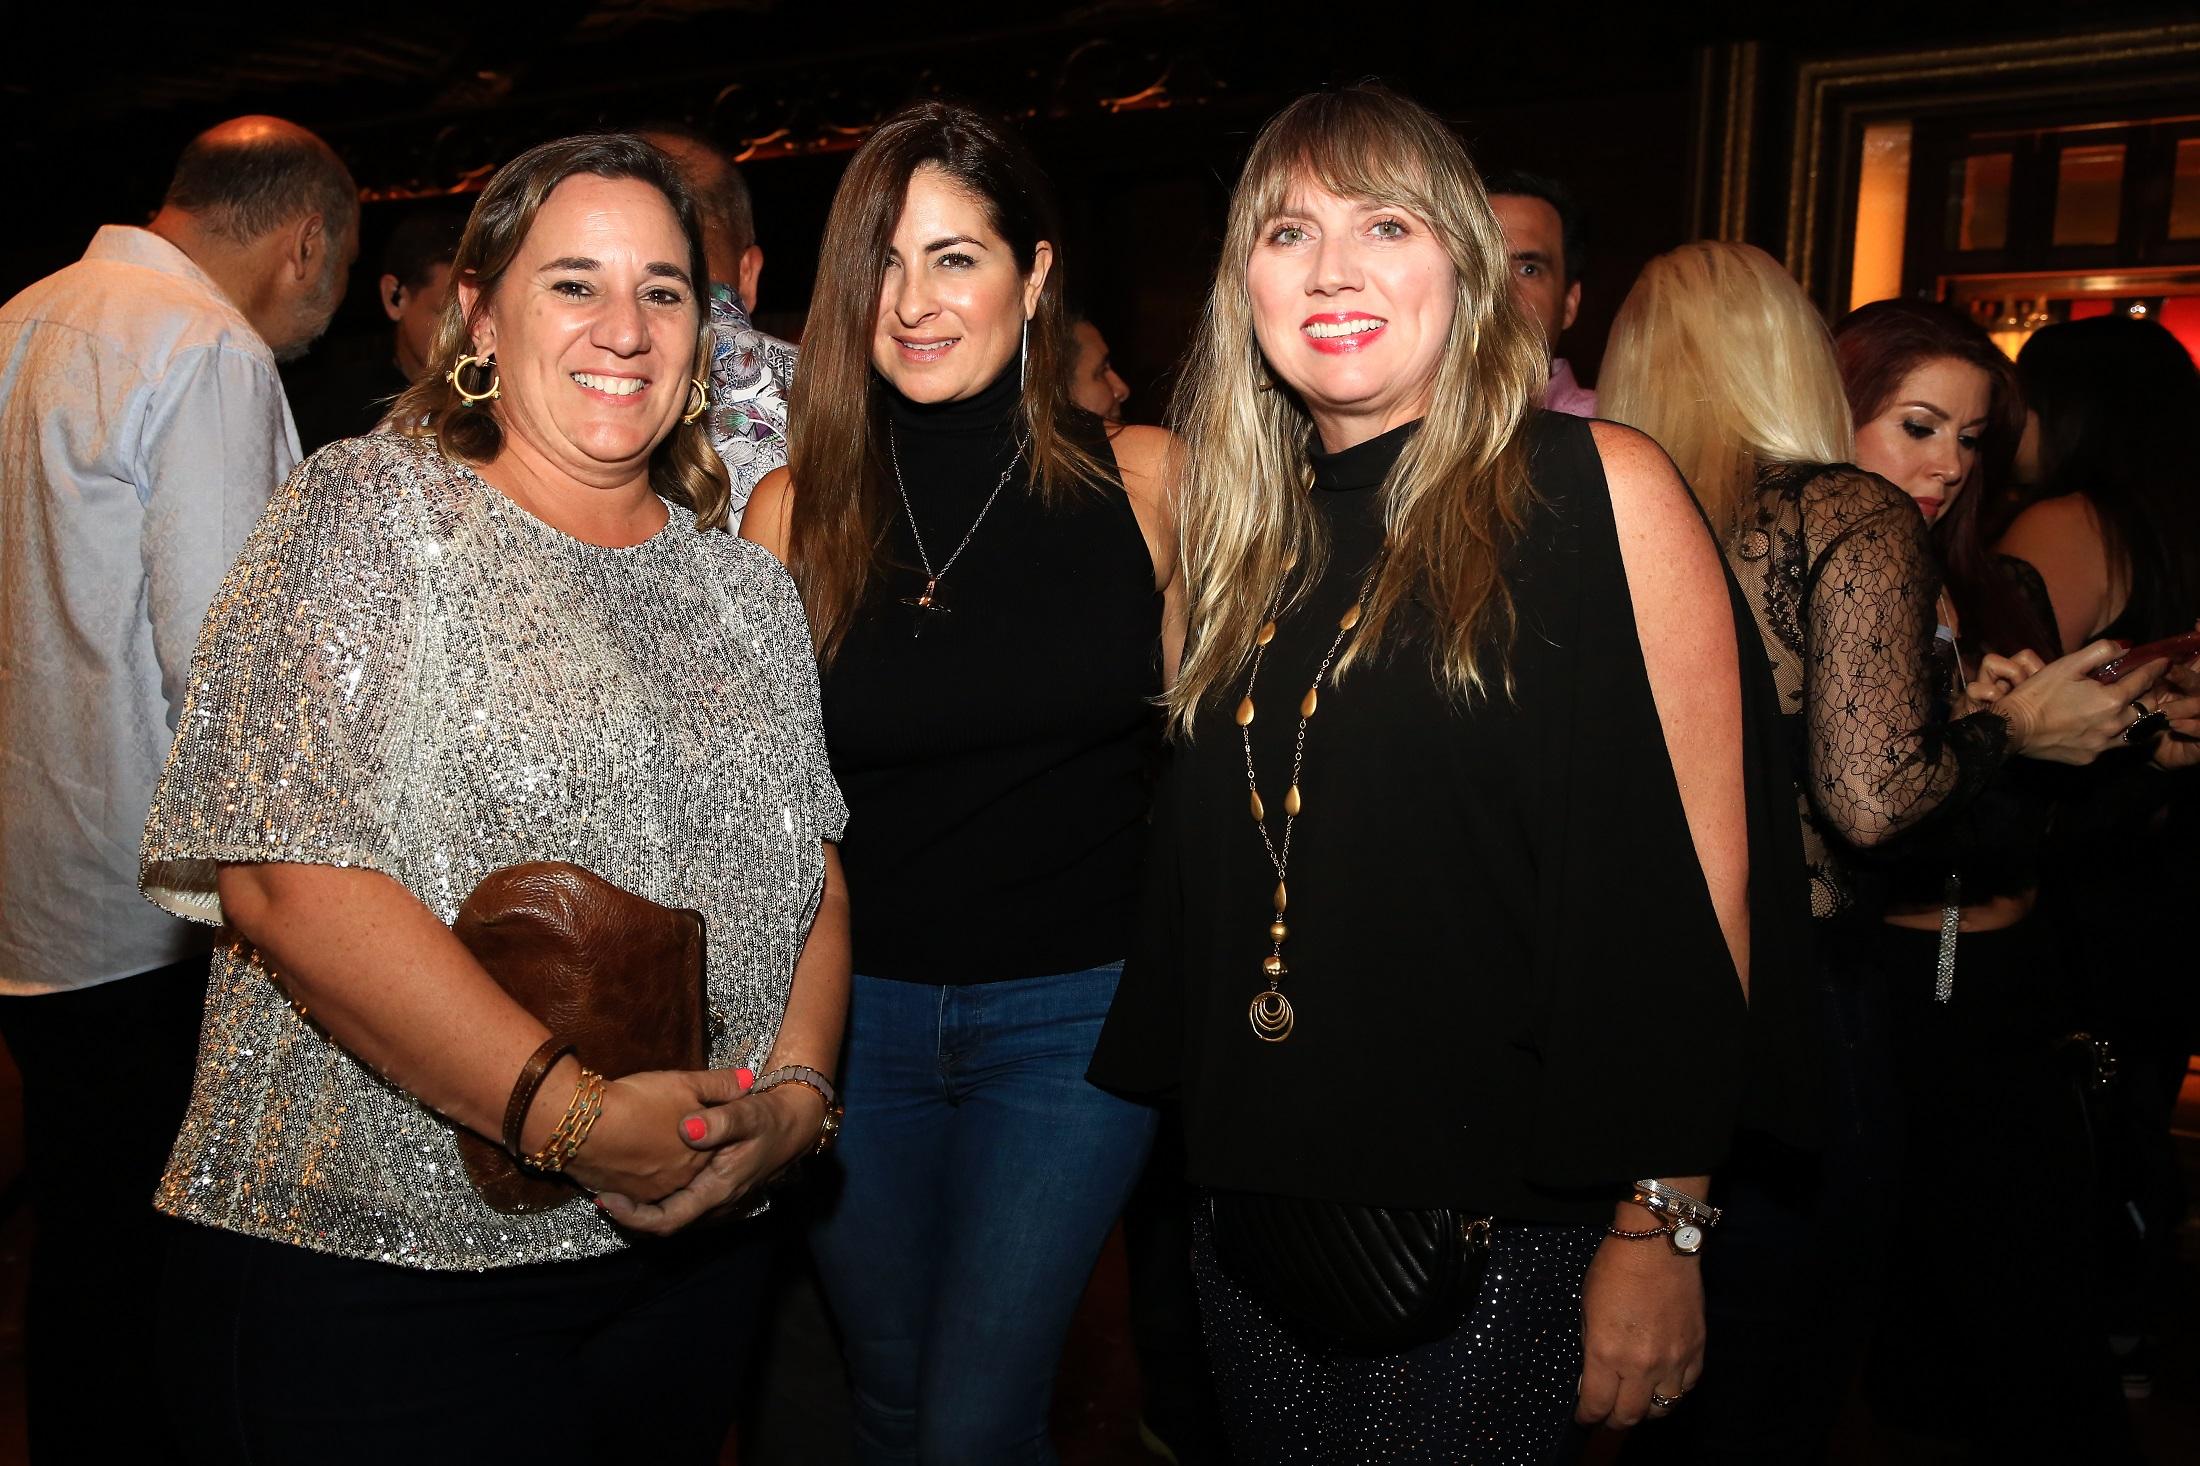 Jackeline Jergensen, Grishelda Díaz y Michelle Maranges. (Suministrada)